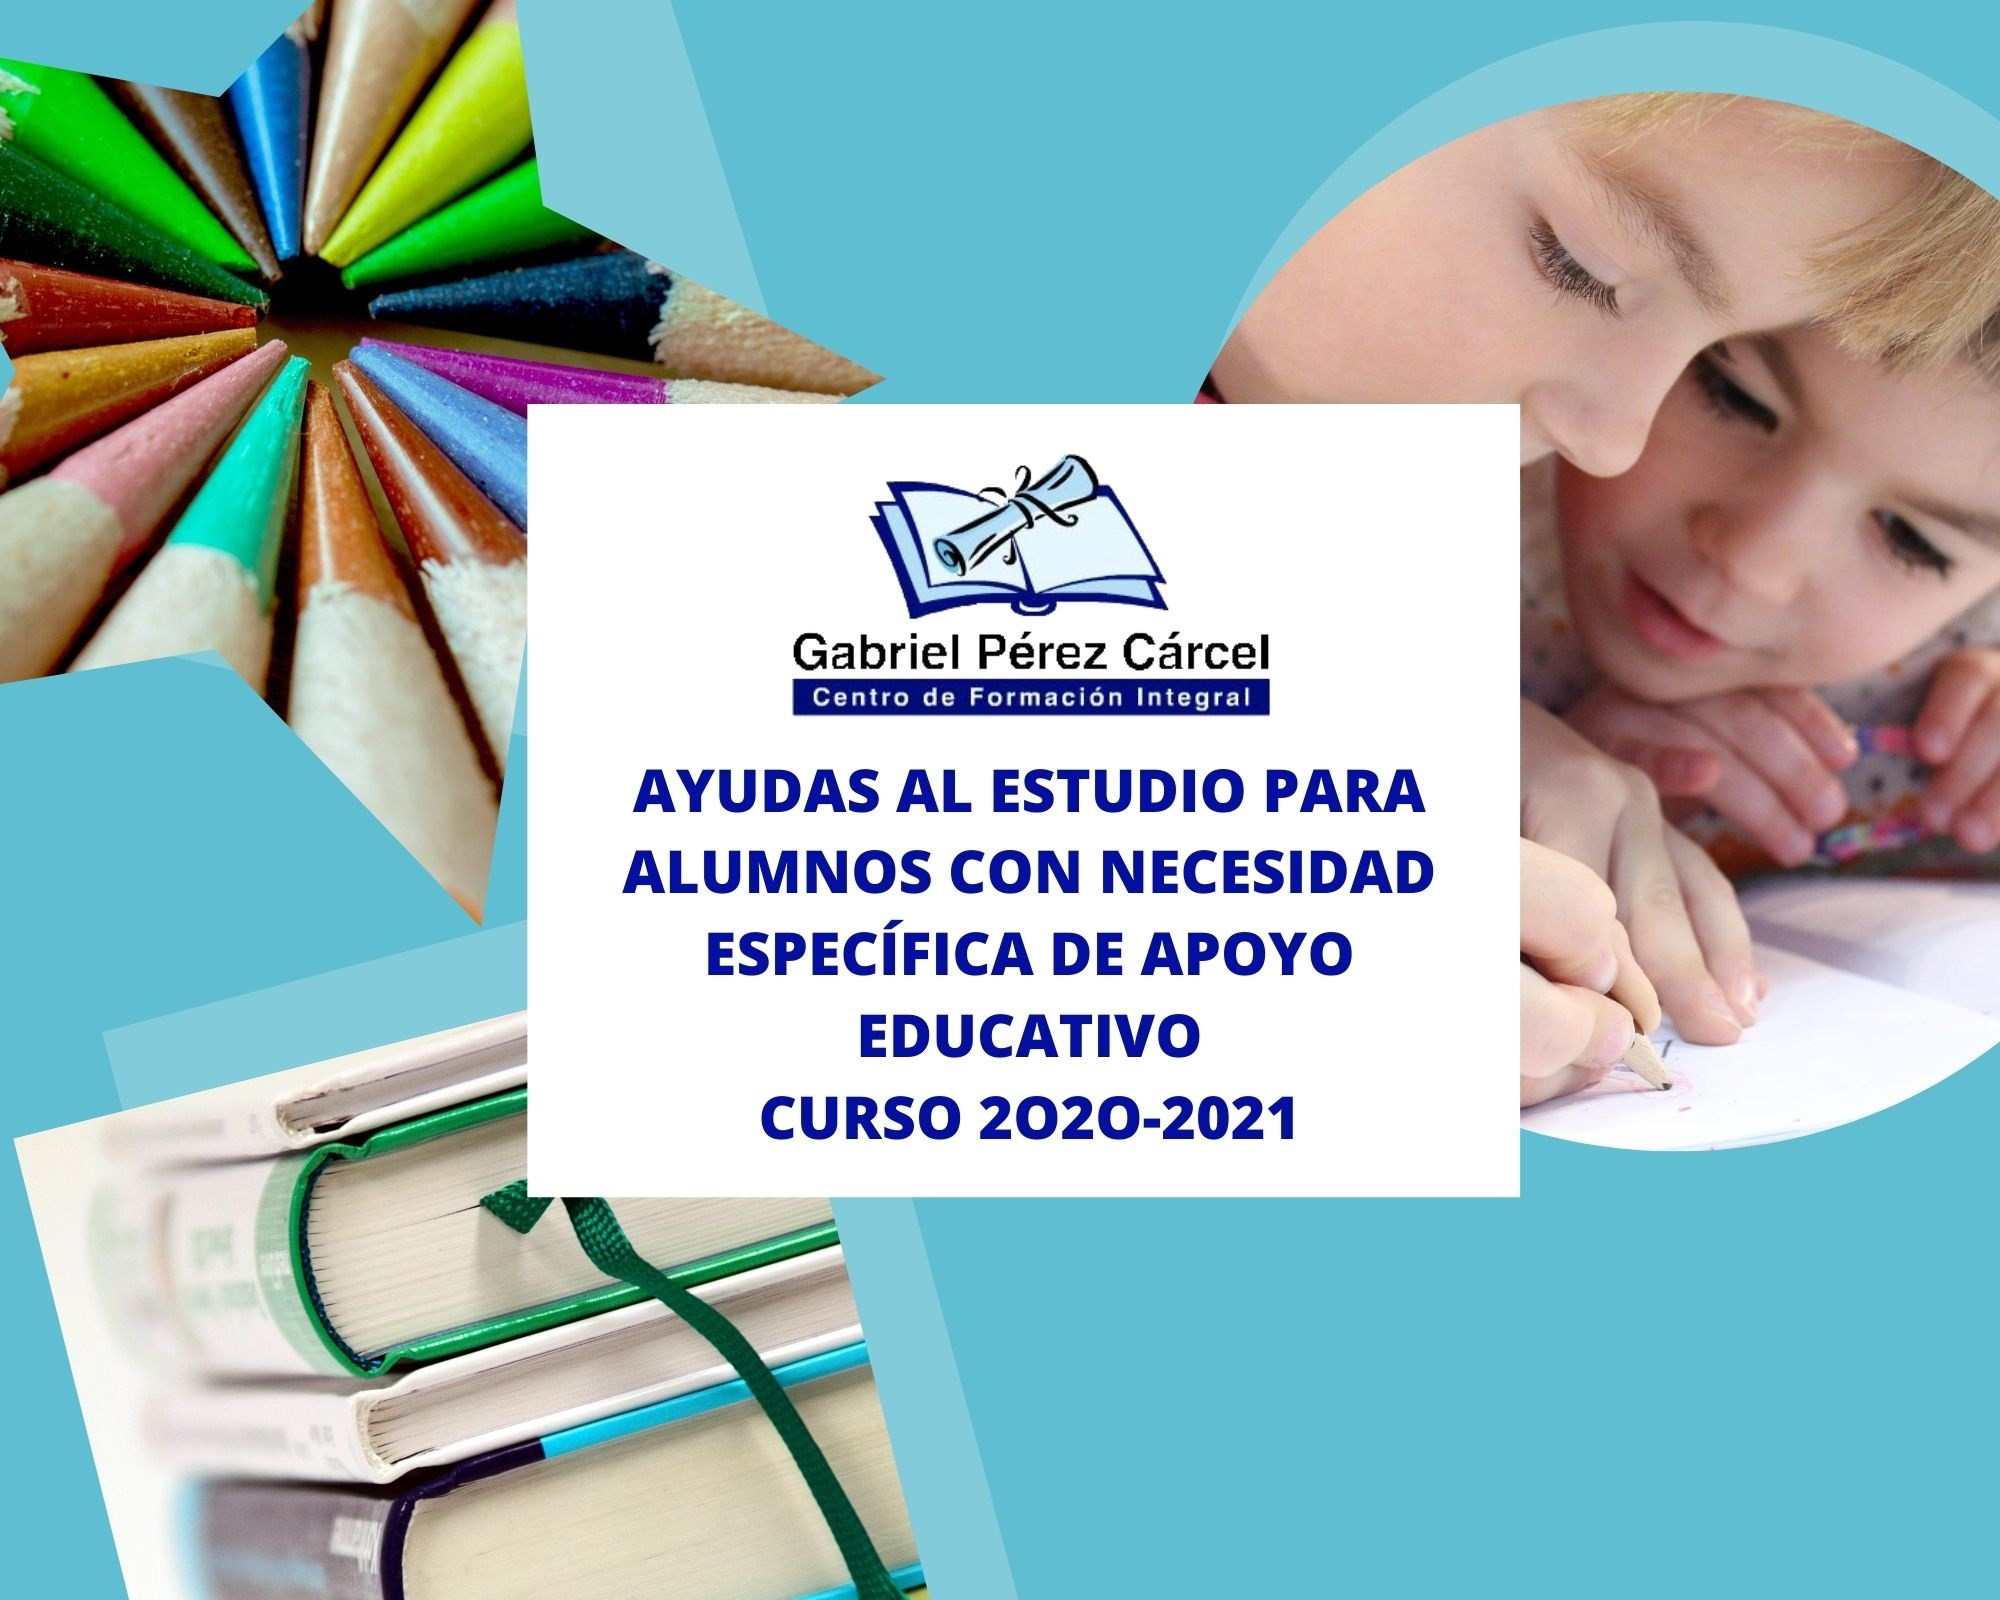 AYUDAS AL ESTUDIO PARA ALUMNOS  CON NECESIDAD ESPECÍFICA DE APOYO EDUCATIVO